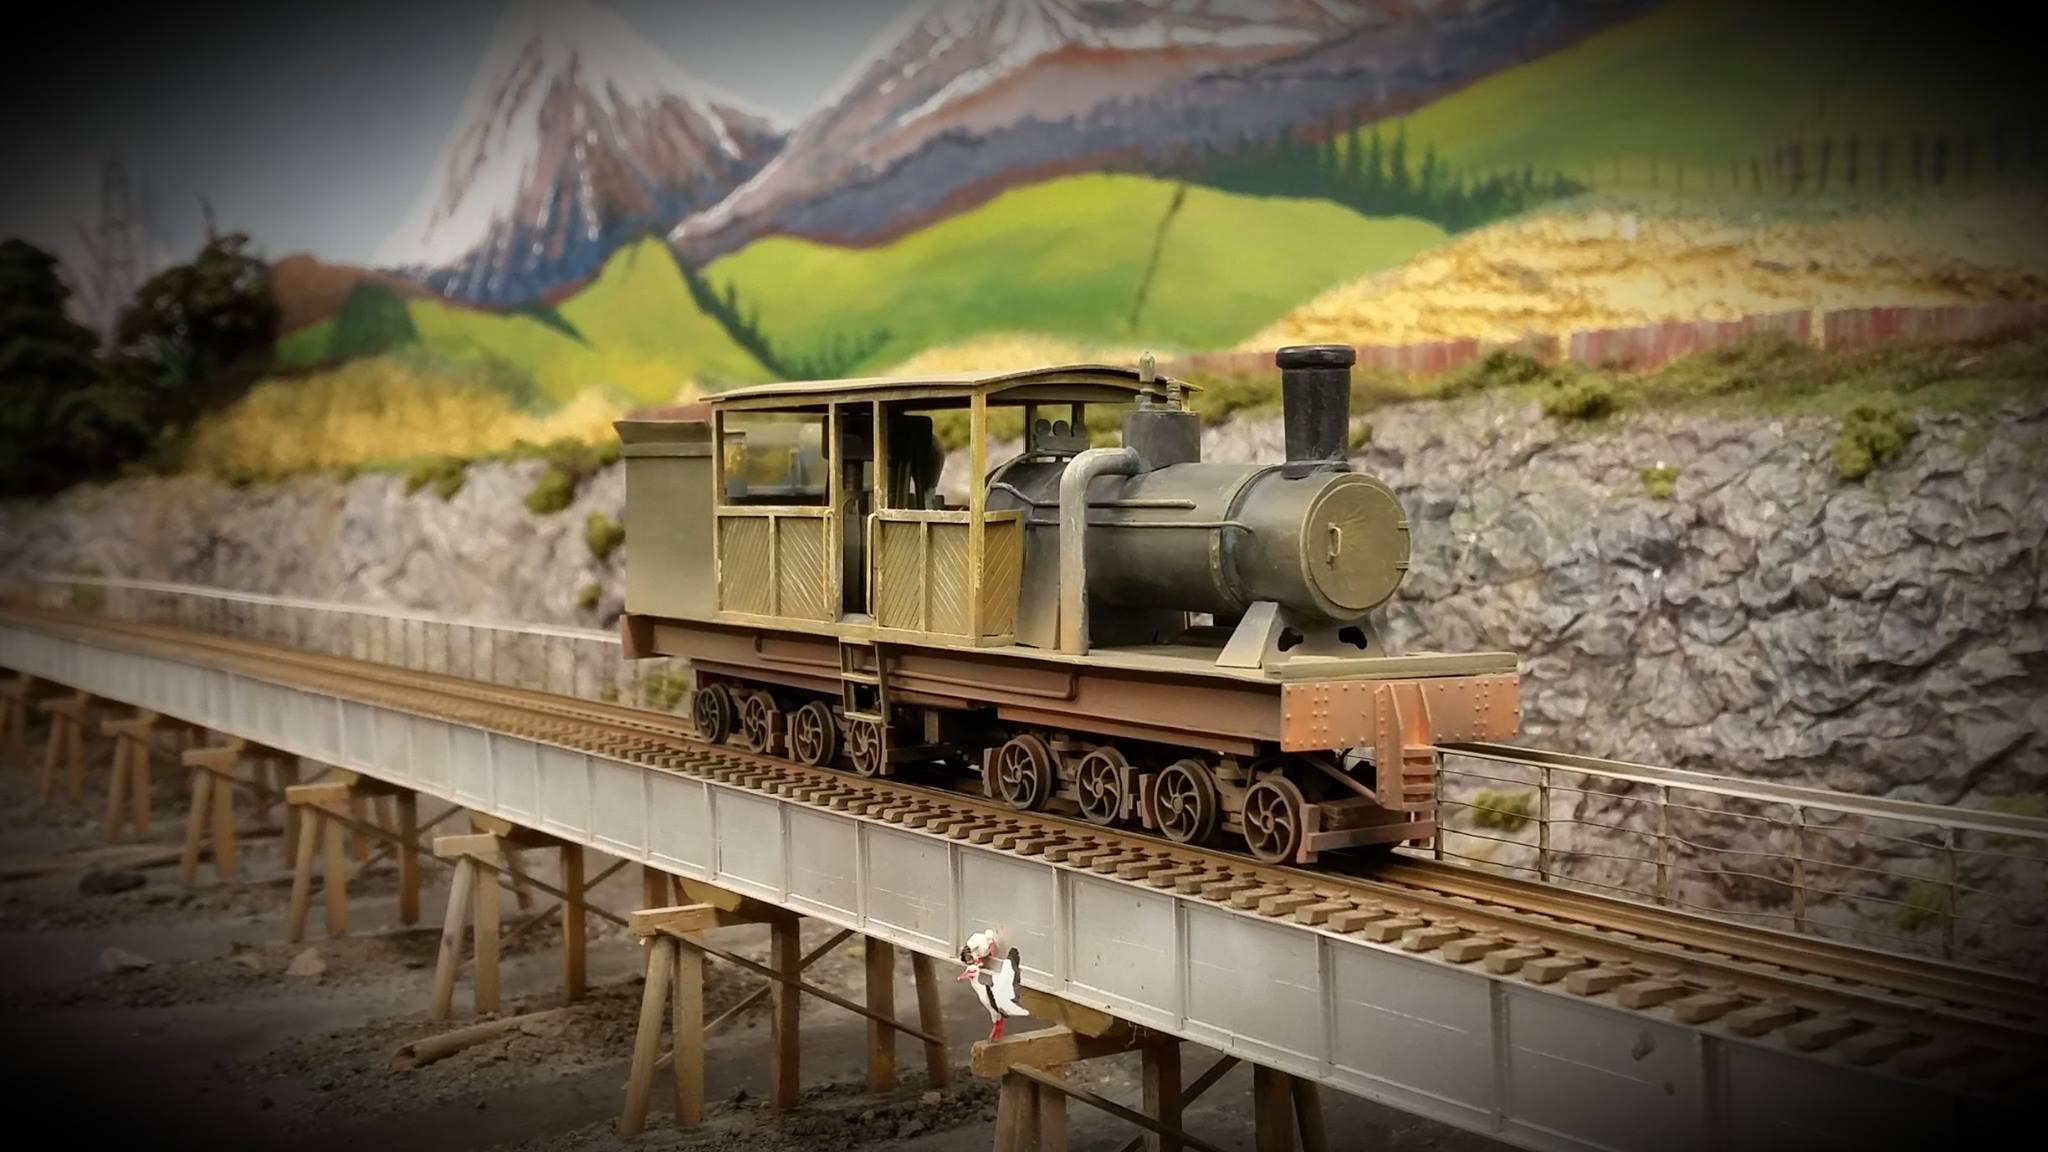 Johnson 16 wheeler model